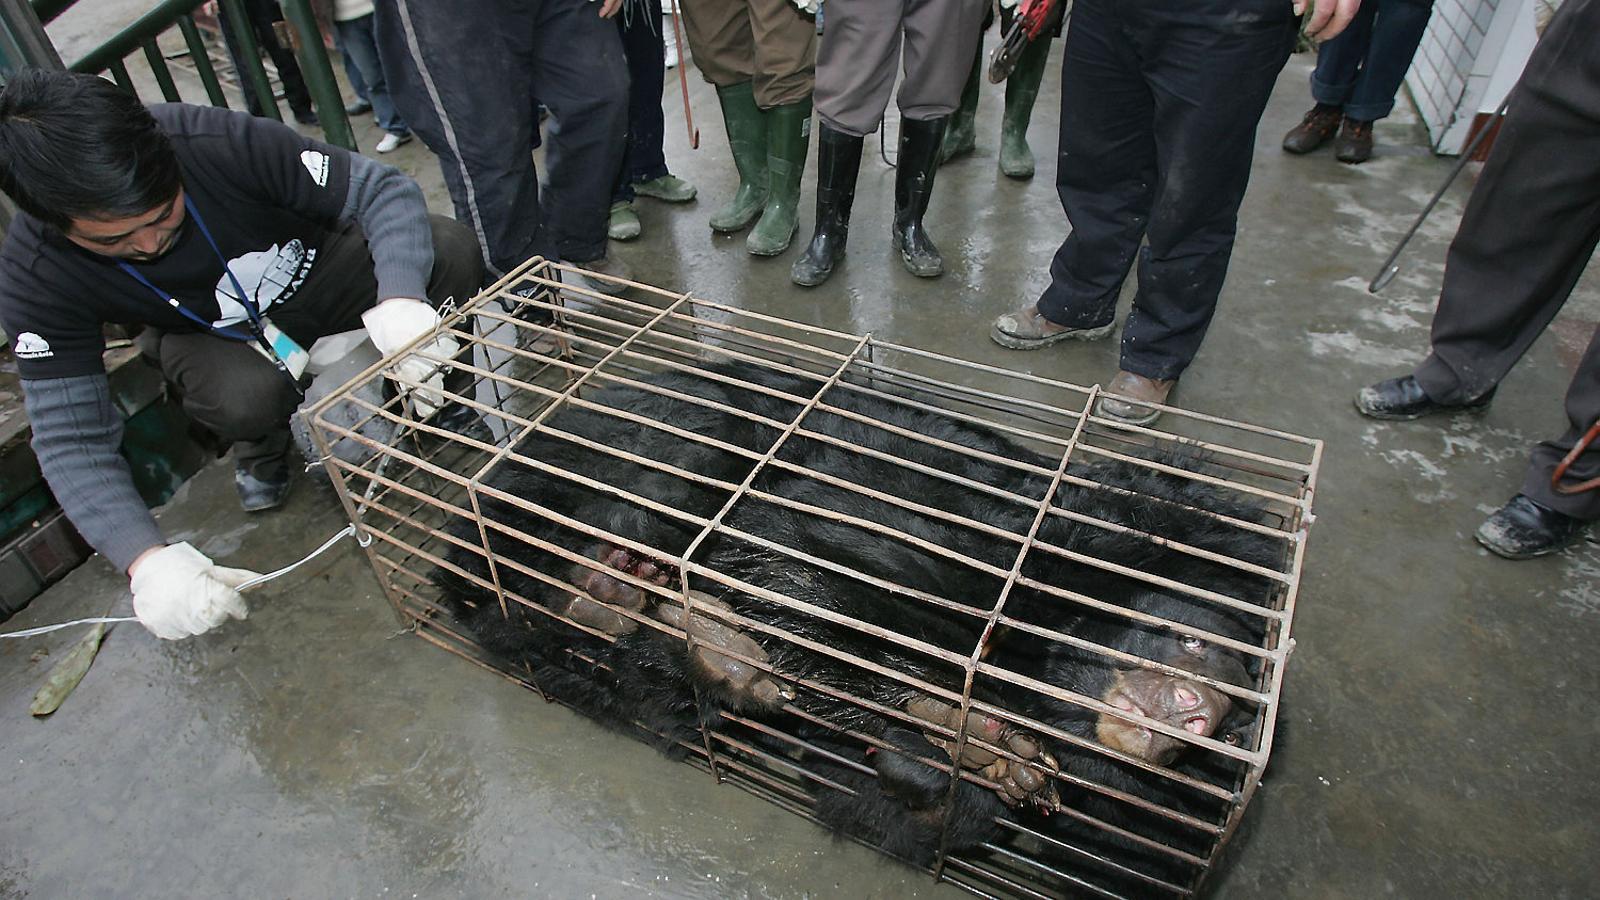 Imatge d'arxiu d'un ós engabiat després de ser rescatat d'una granja on li extreien la bilis a Chengdu, a la Xina.